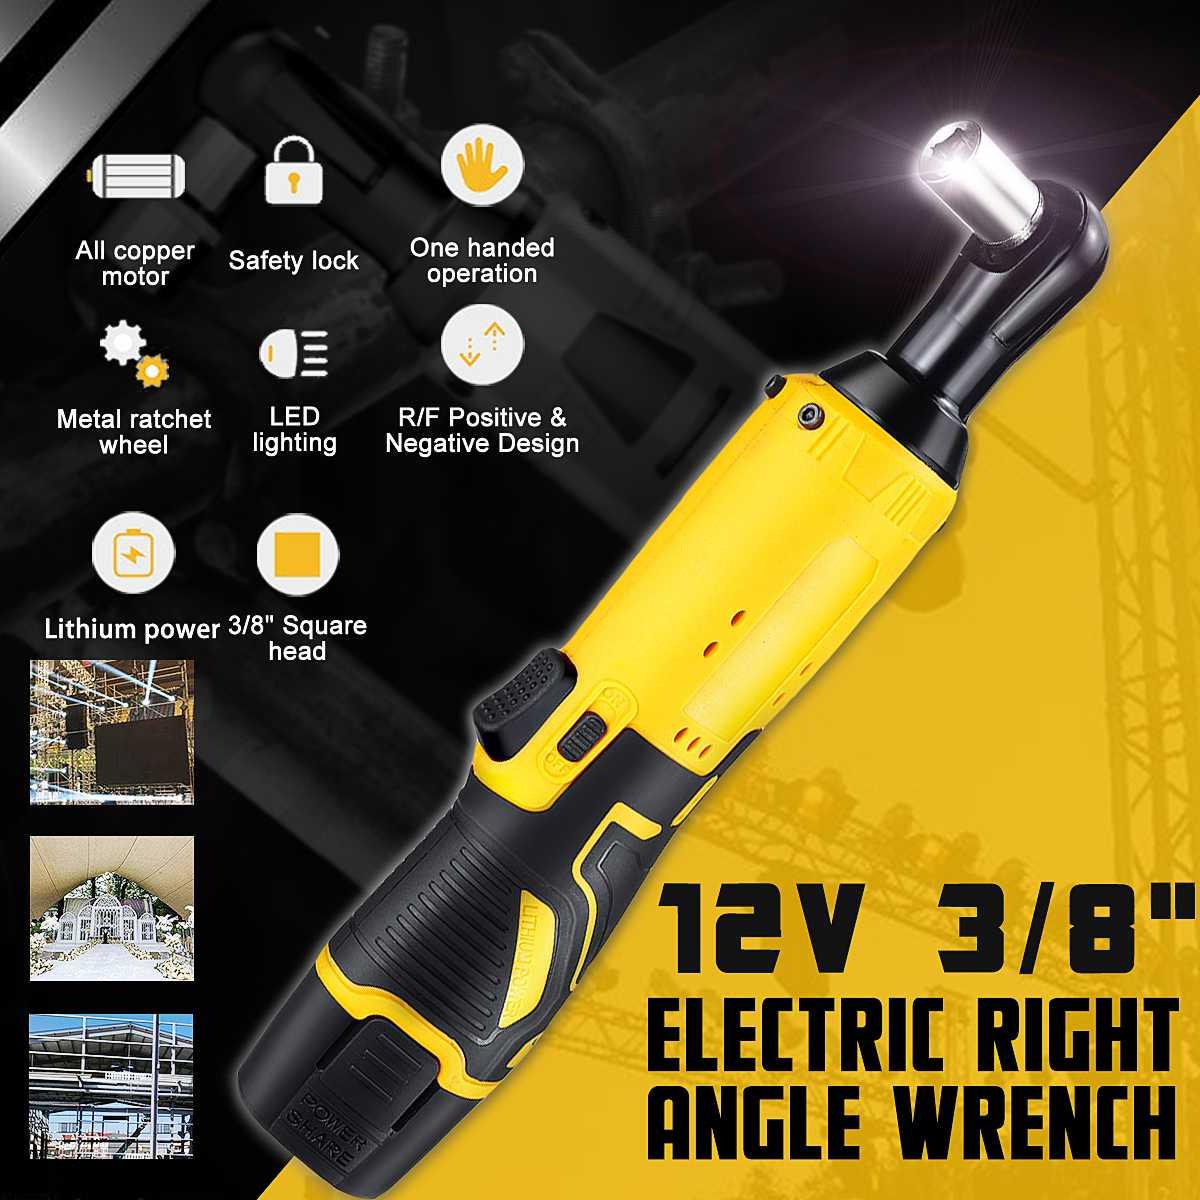 12 V Portable électrique sans fil clé 3/8 ''45N. m Rechargeable 1500 mAh cliquet 90 ° Angle droit clé ensemble outils électriques